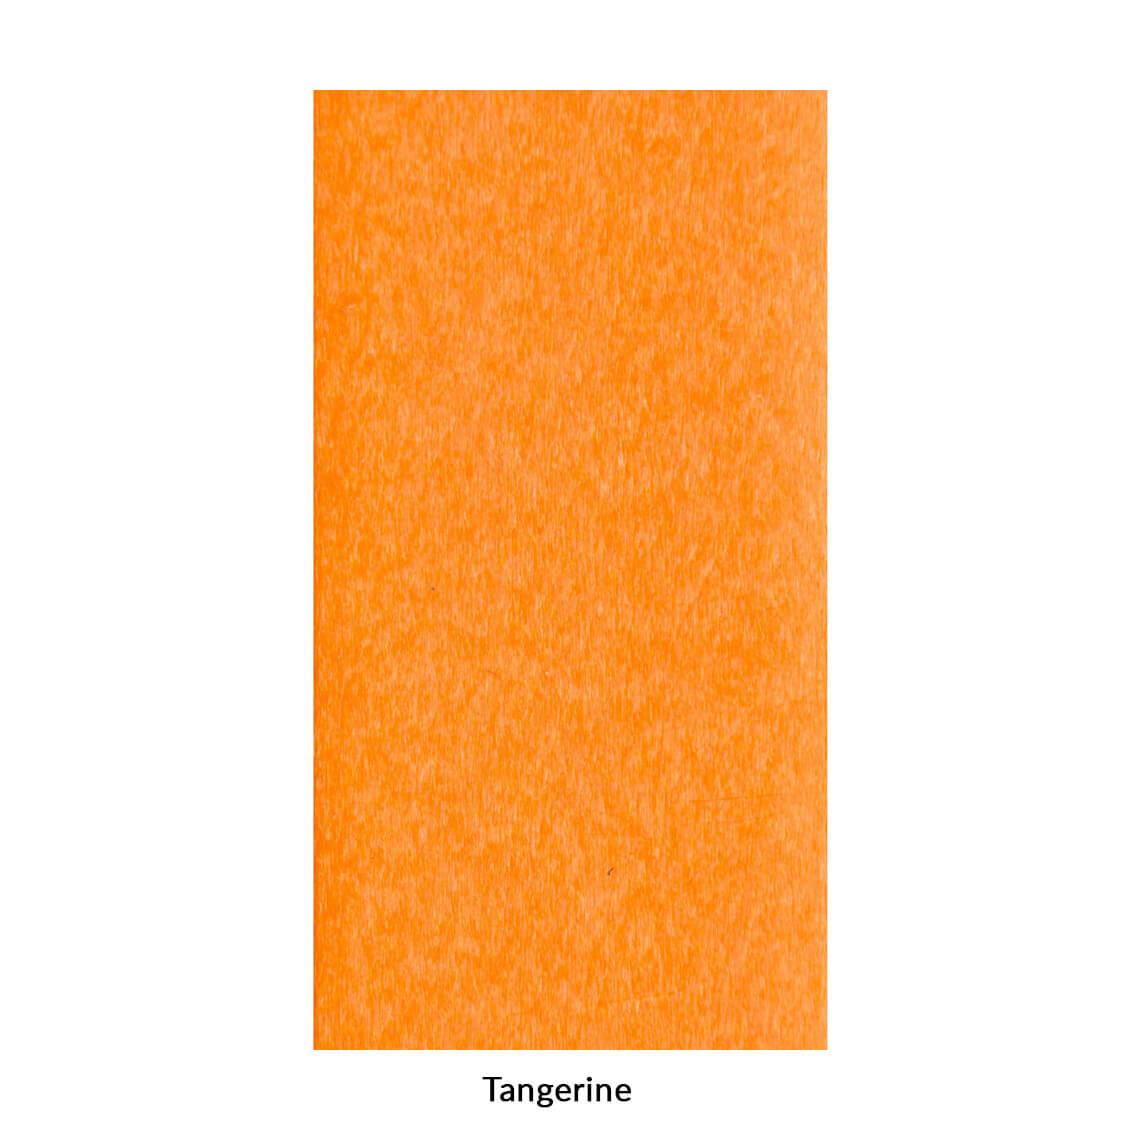 23.-tangerine.jpg